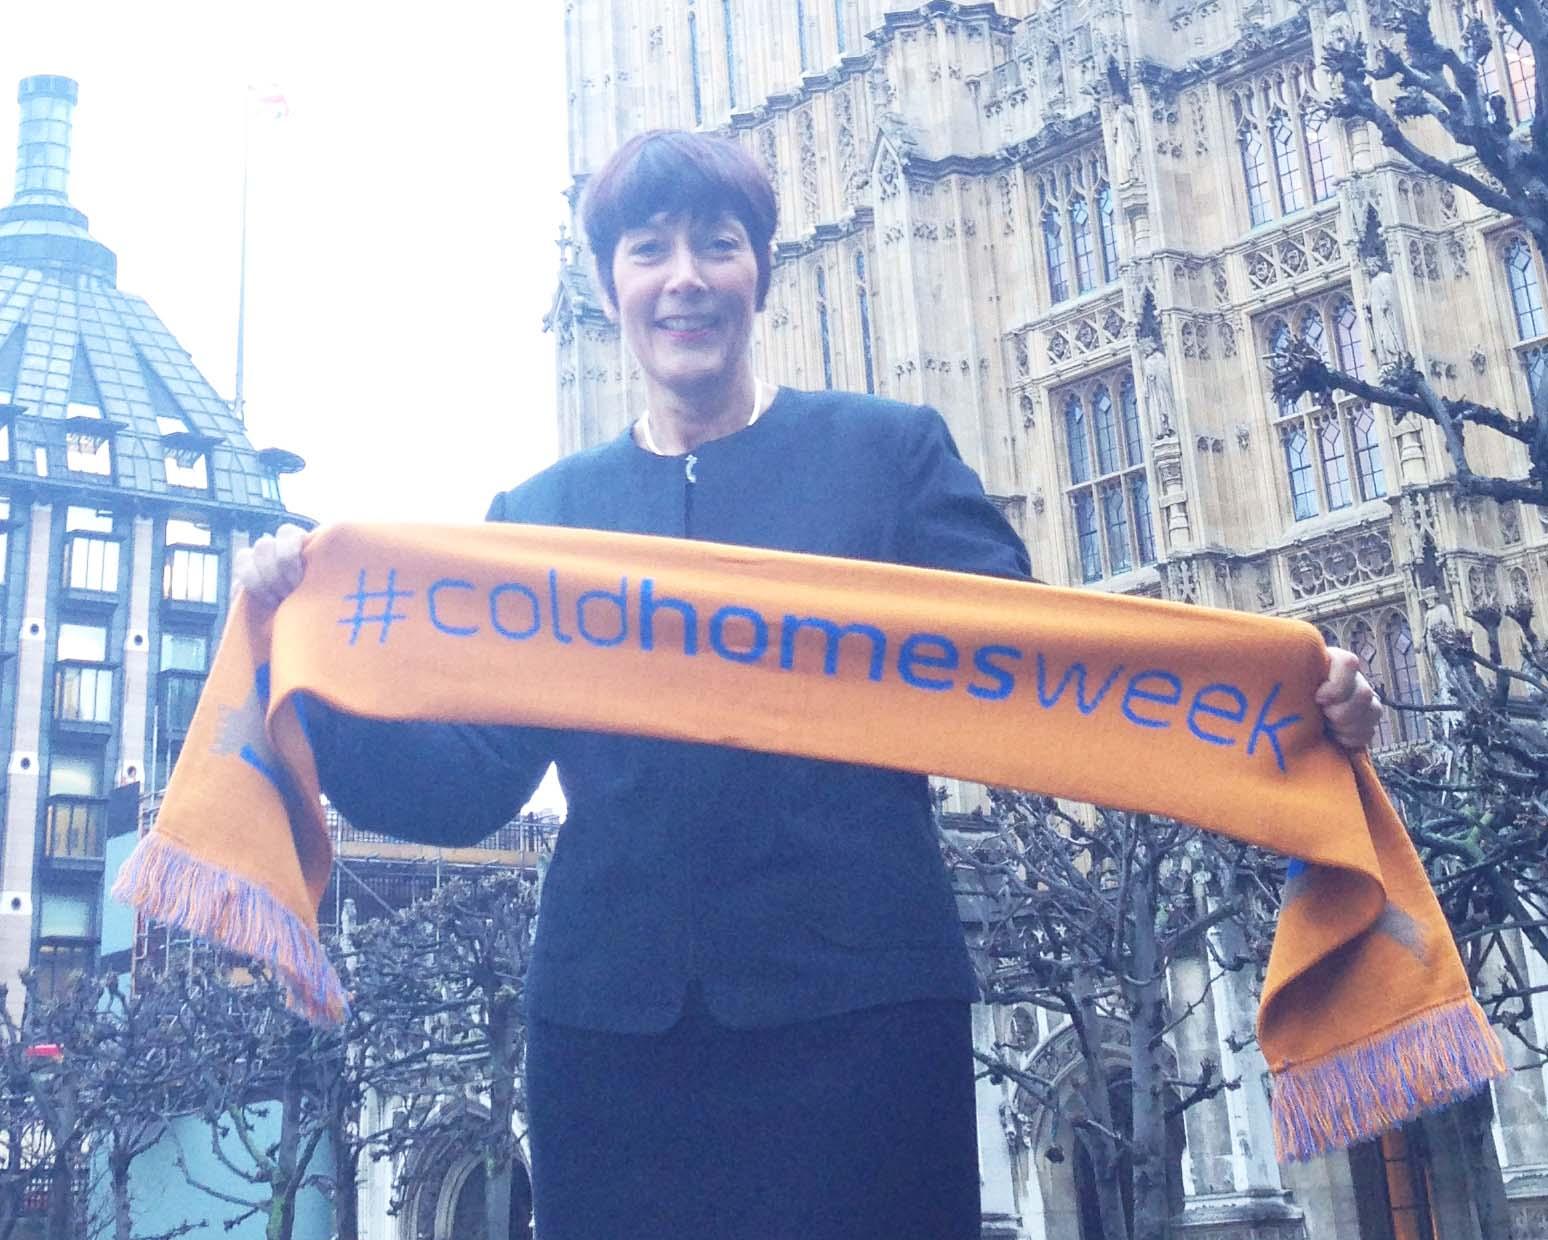 Cold_Homes_Week_feb_14.jpg